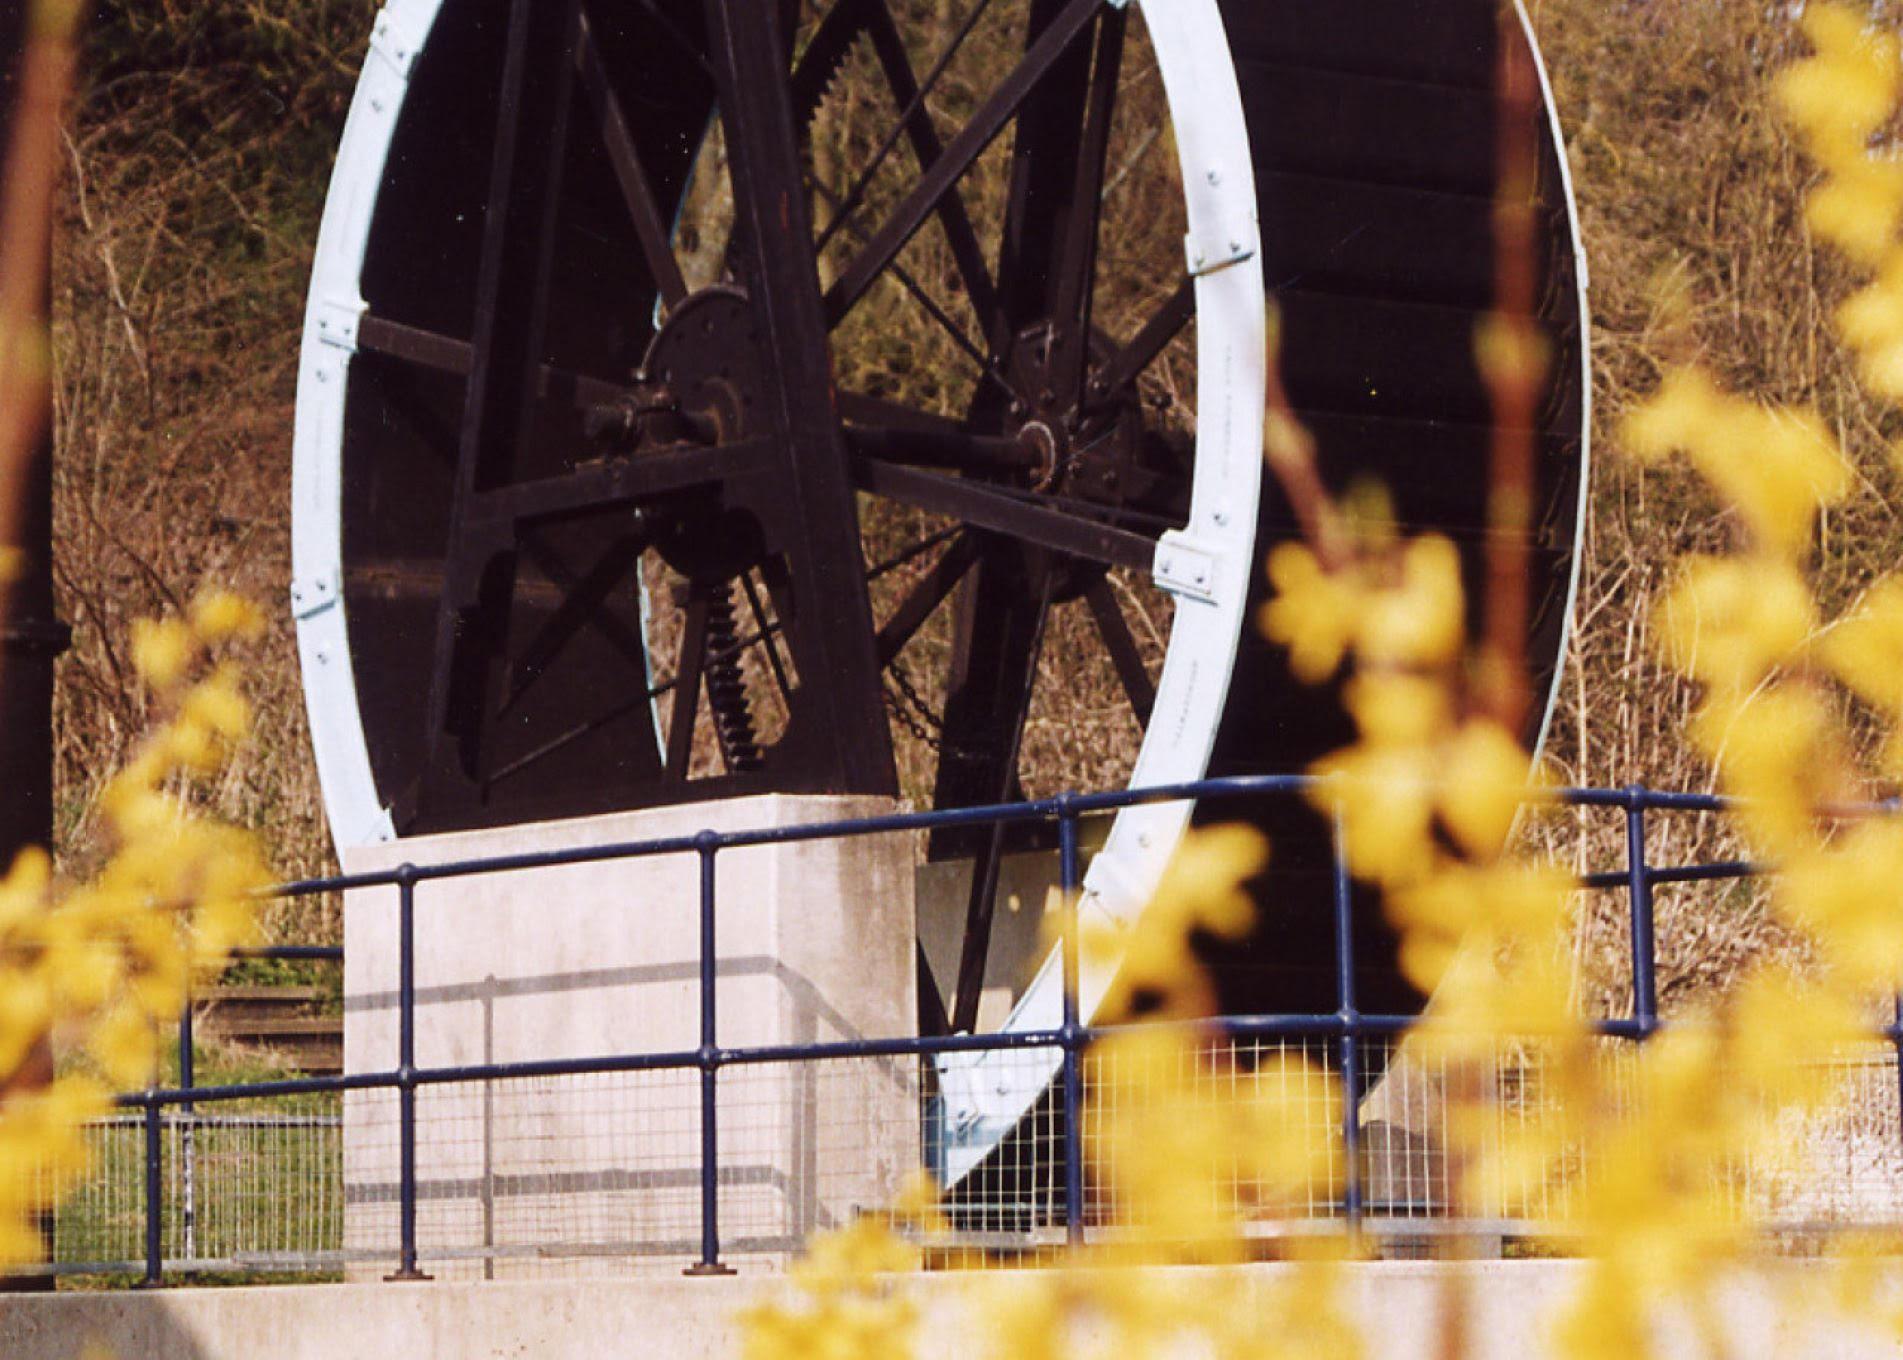 waterwheel large image